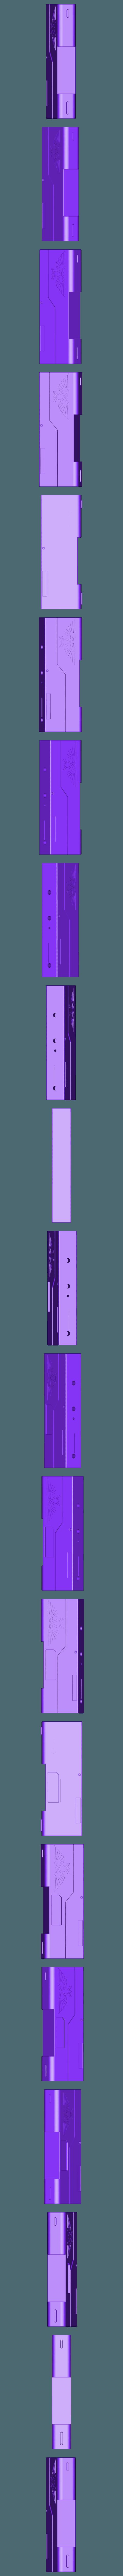 receiver.stl Télécharger fichier STL gratuit POIGNÉE Warhammer 40K • Modèle pour imprimante 3D, TheTNR